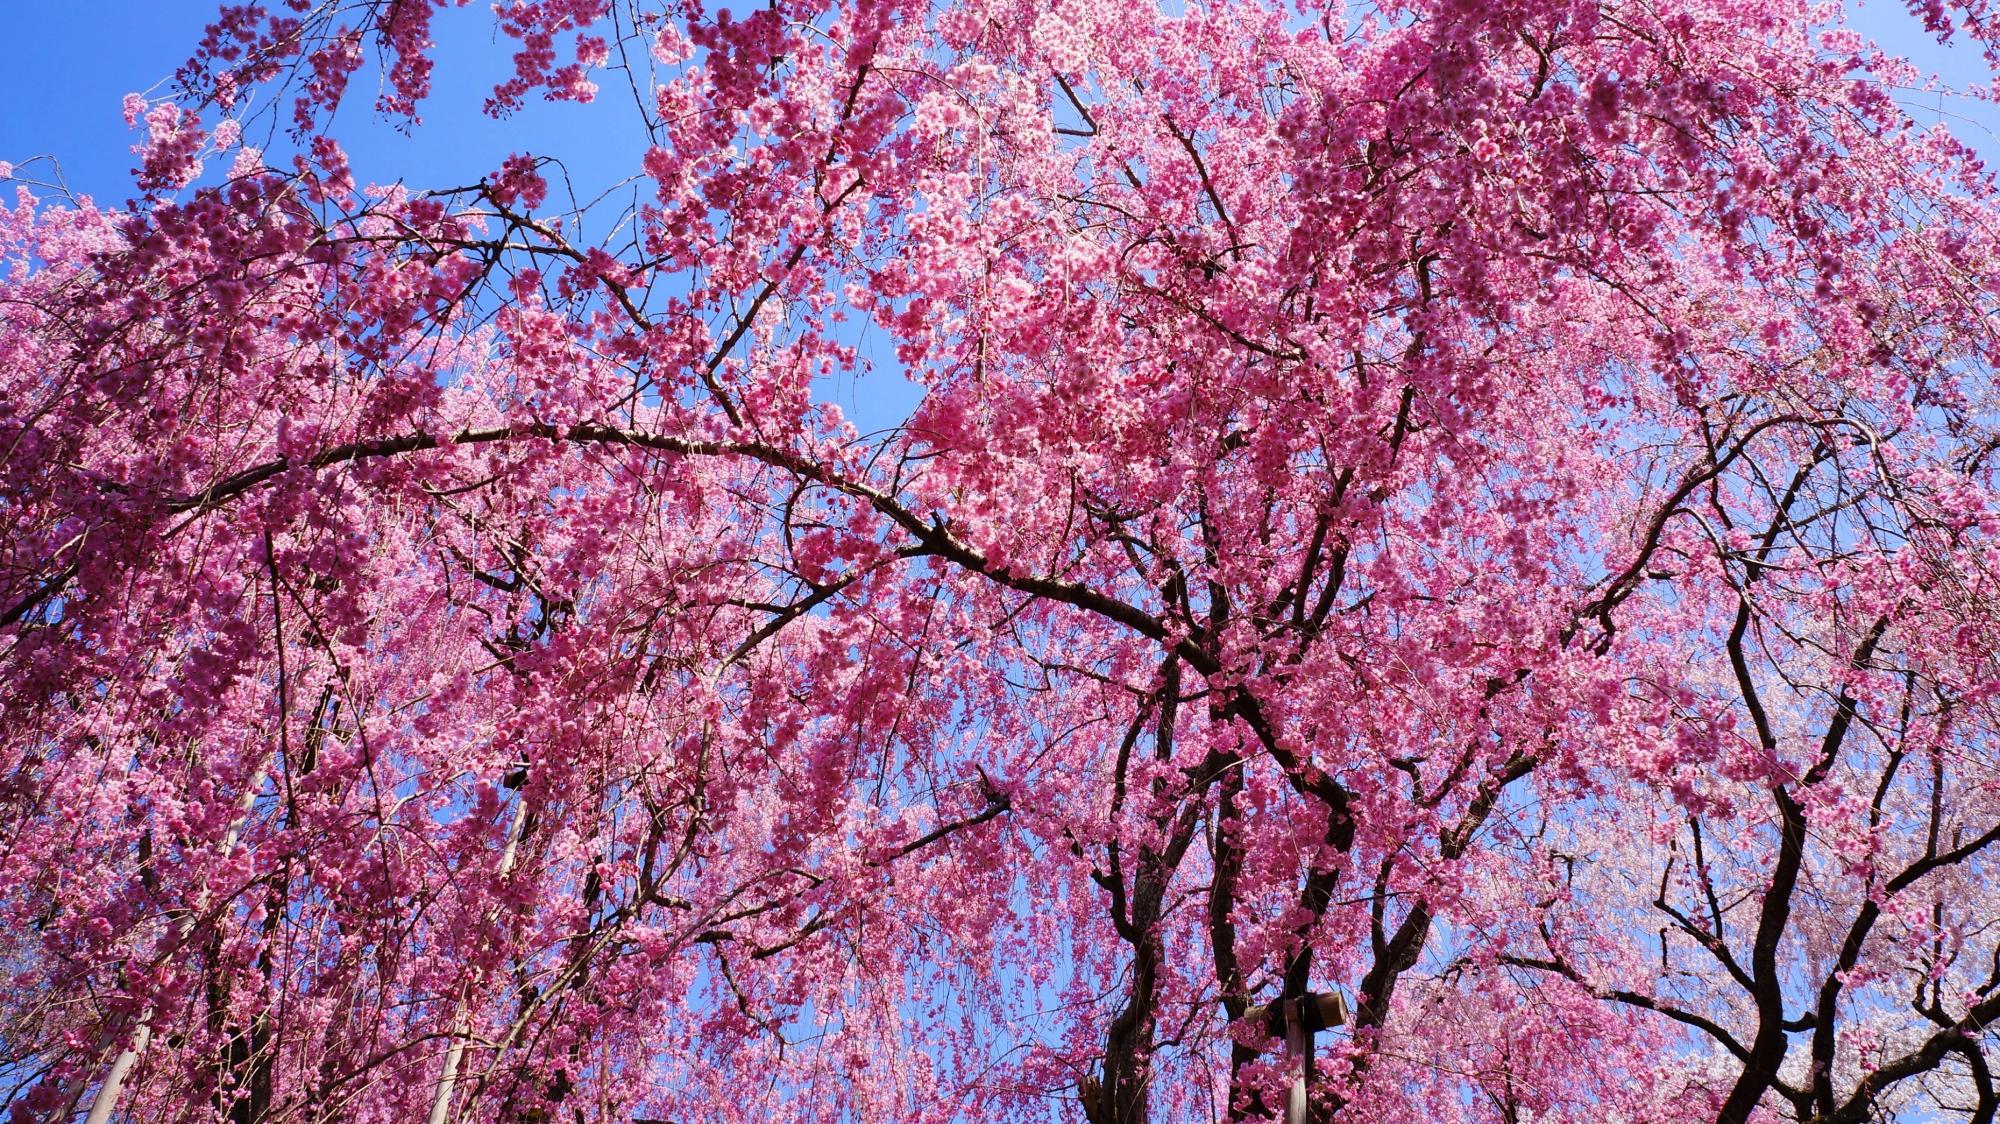 青空から降り注ぐ鮮やかなピンクの桜